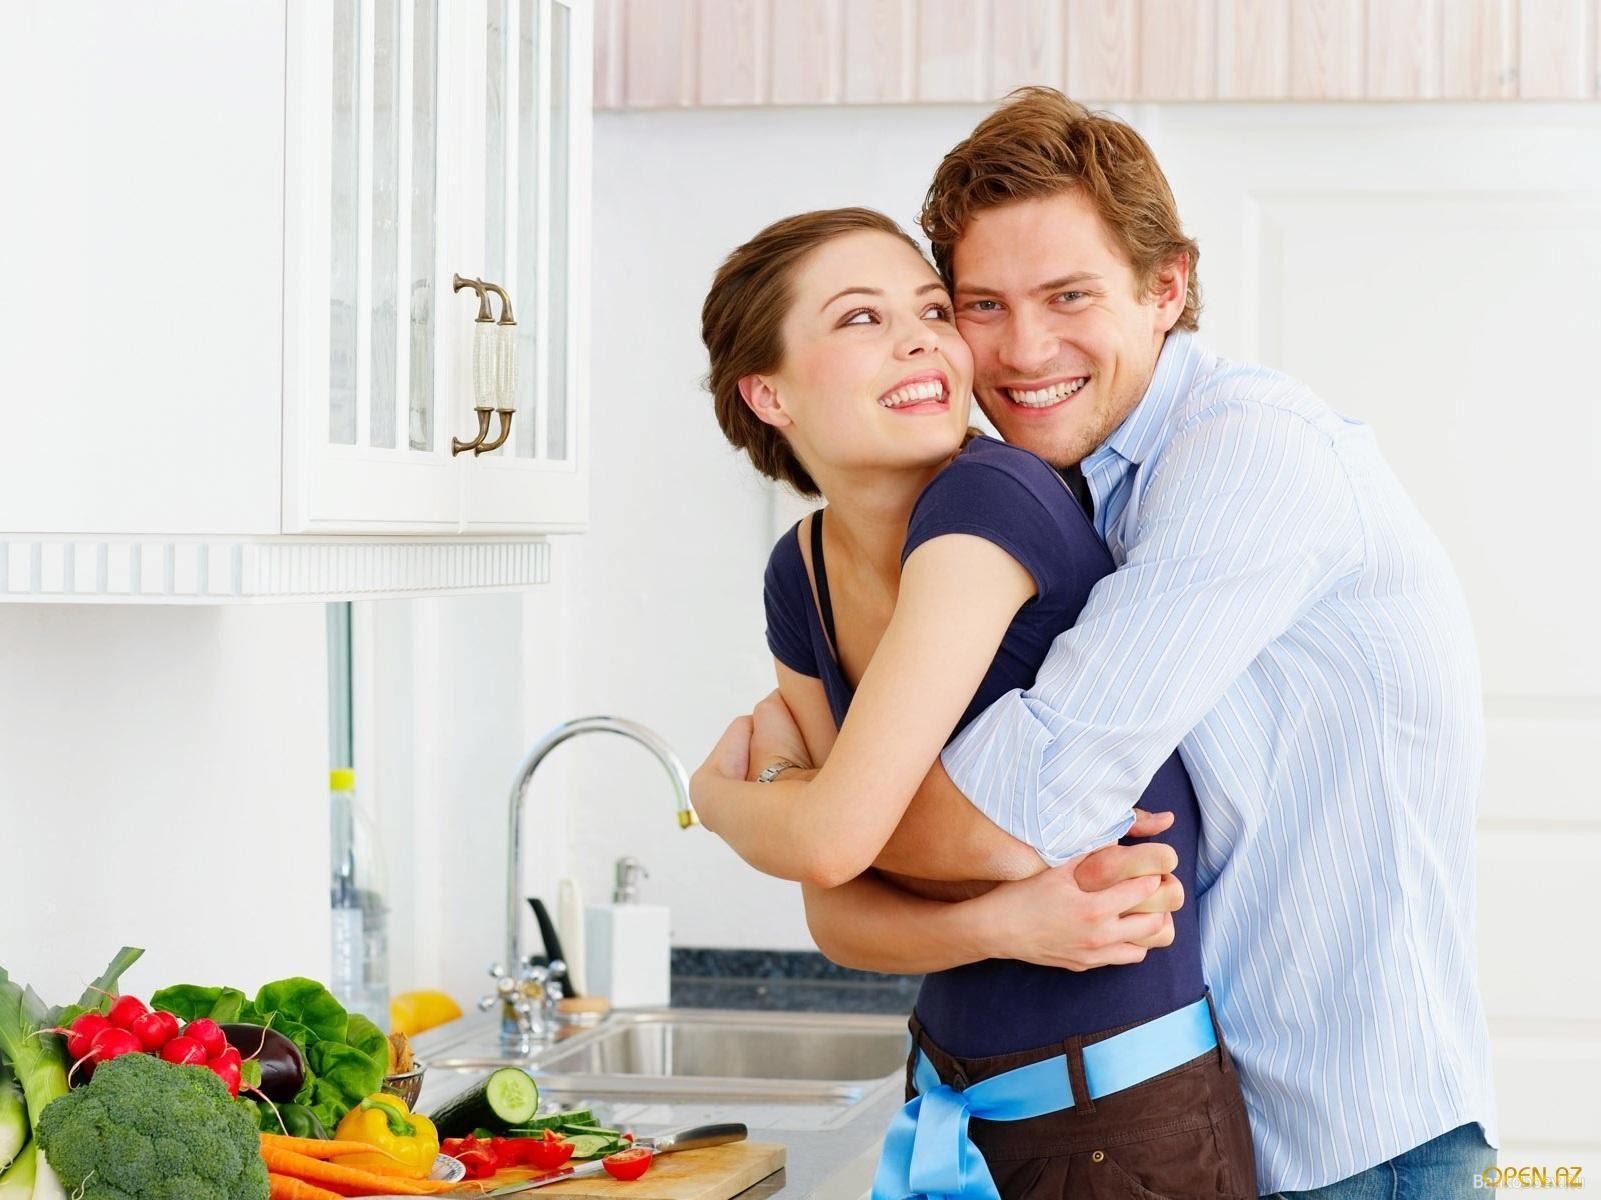 Рекомендации семейной счастливой жизни для женщин